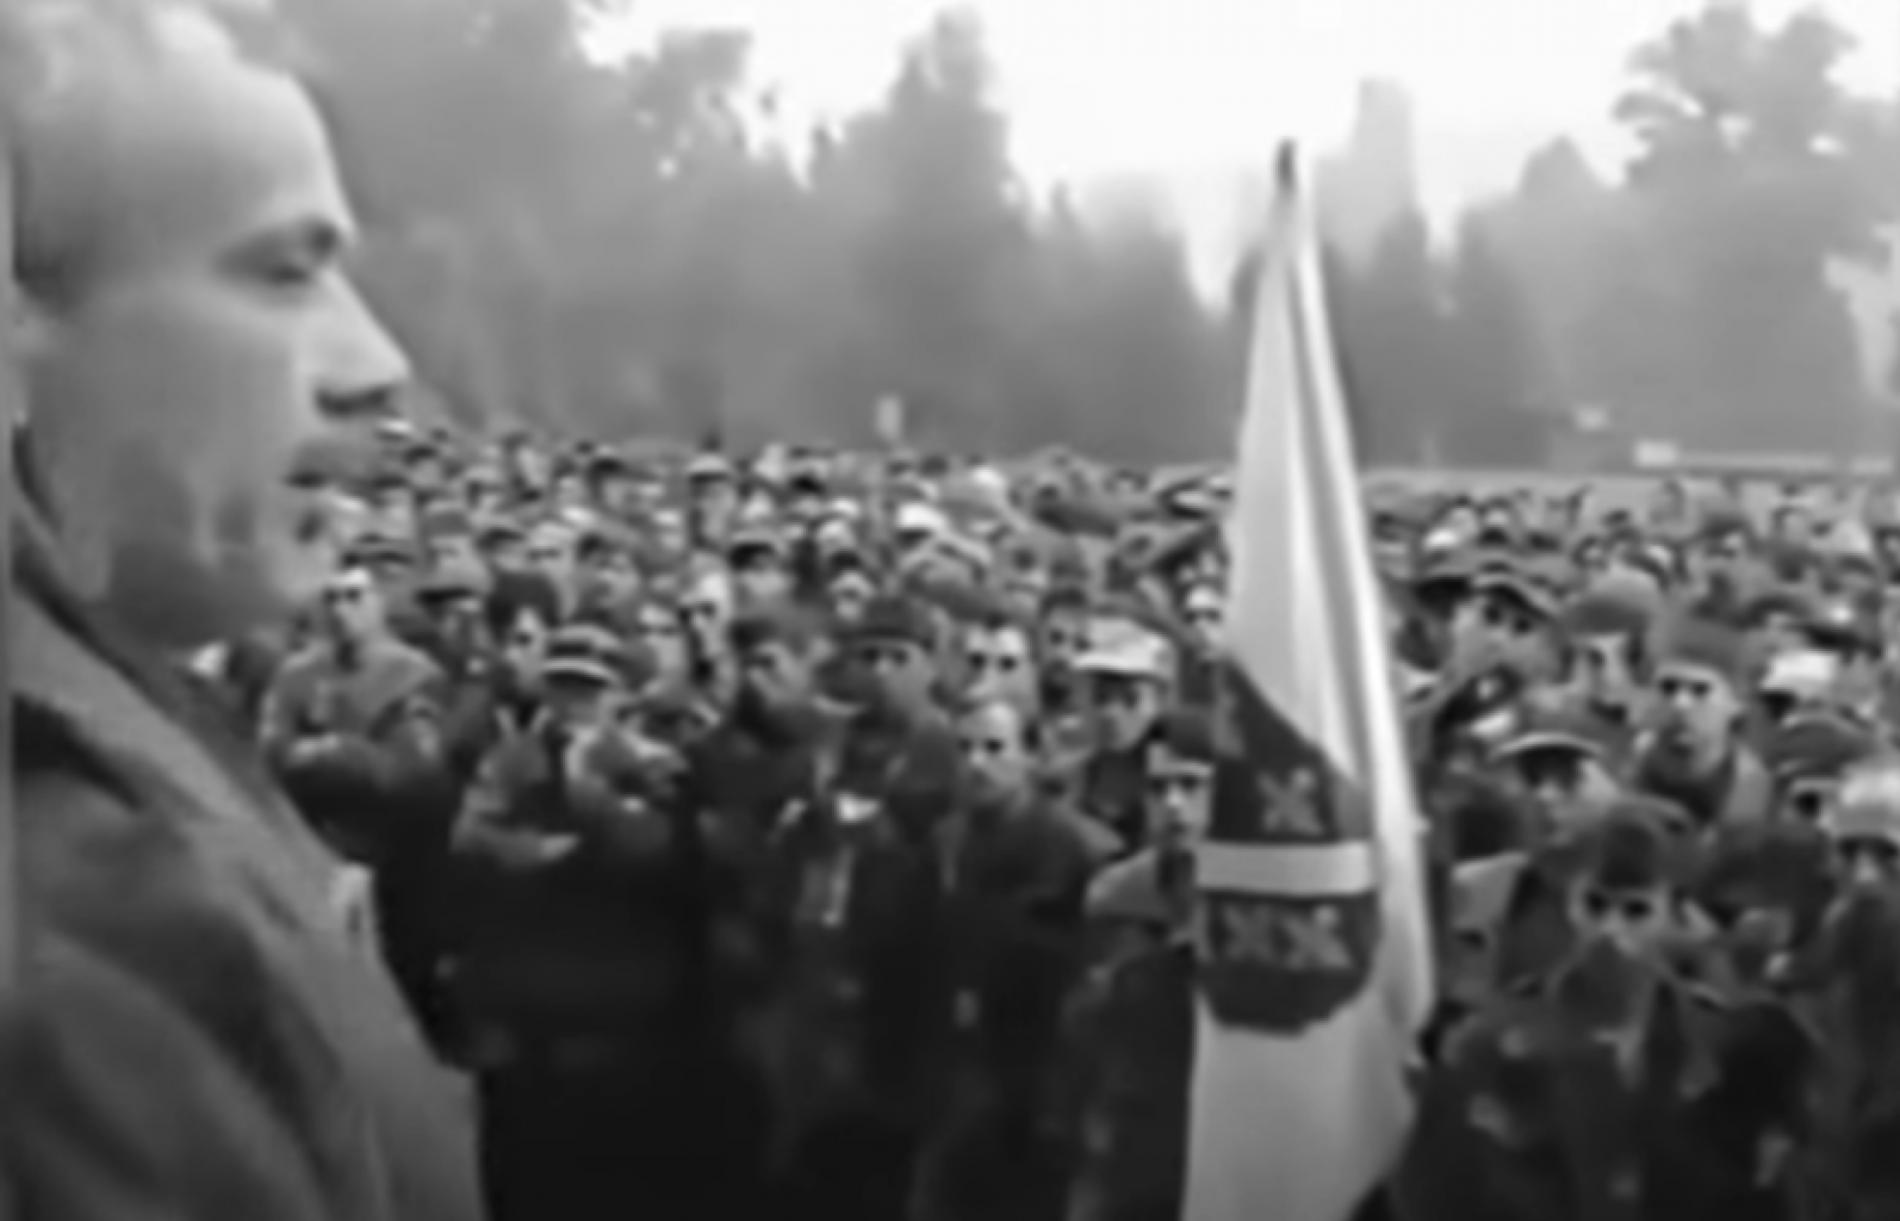 Nisu srpski vojnici bježali iz Bosne zbog misterioznih talasa, već ih je tjerala bosanska armija!